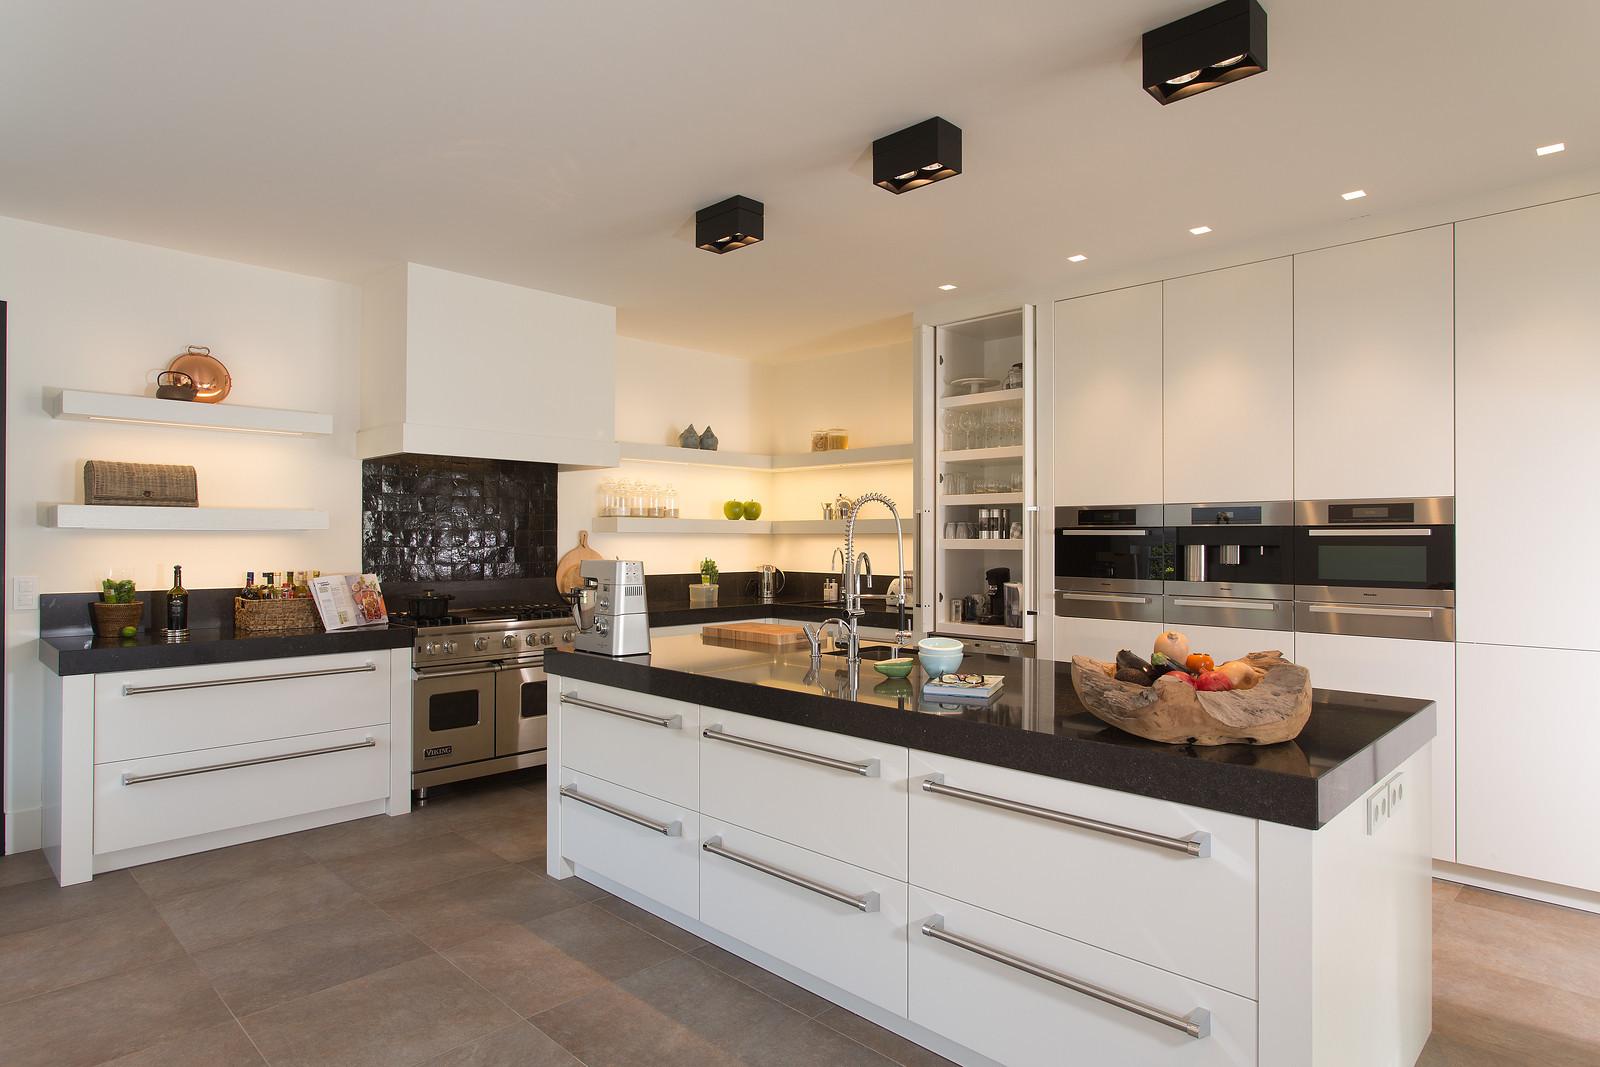 Witte keuken voorbeelden idee n nieuws startpagina voor keuken idee n uw - Deco witte keuken ...